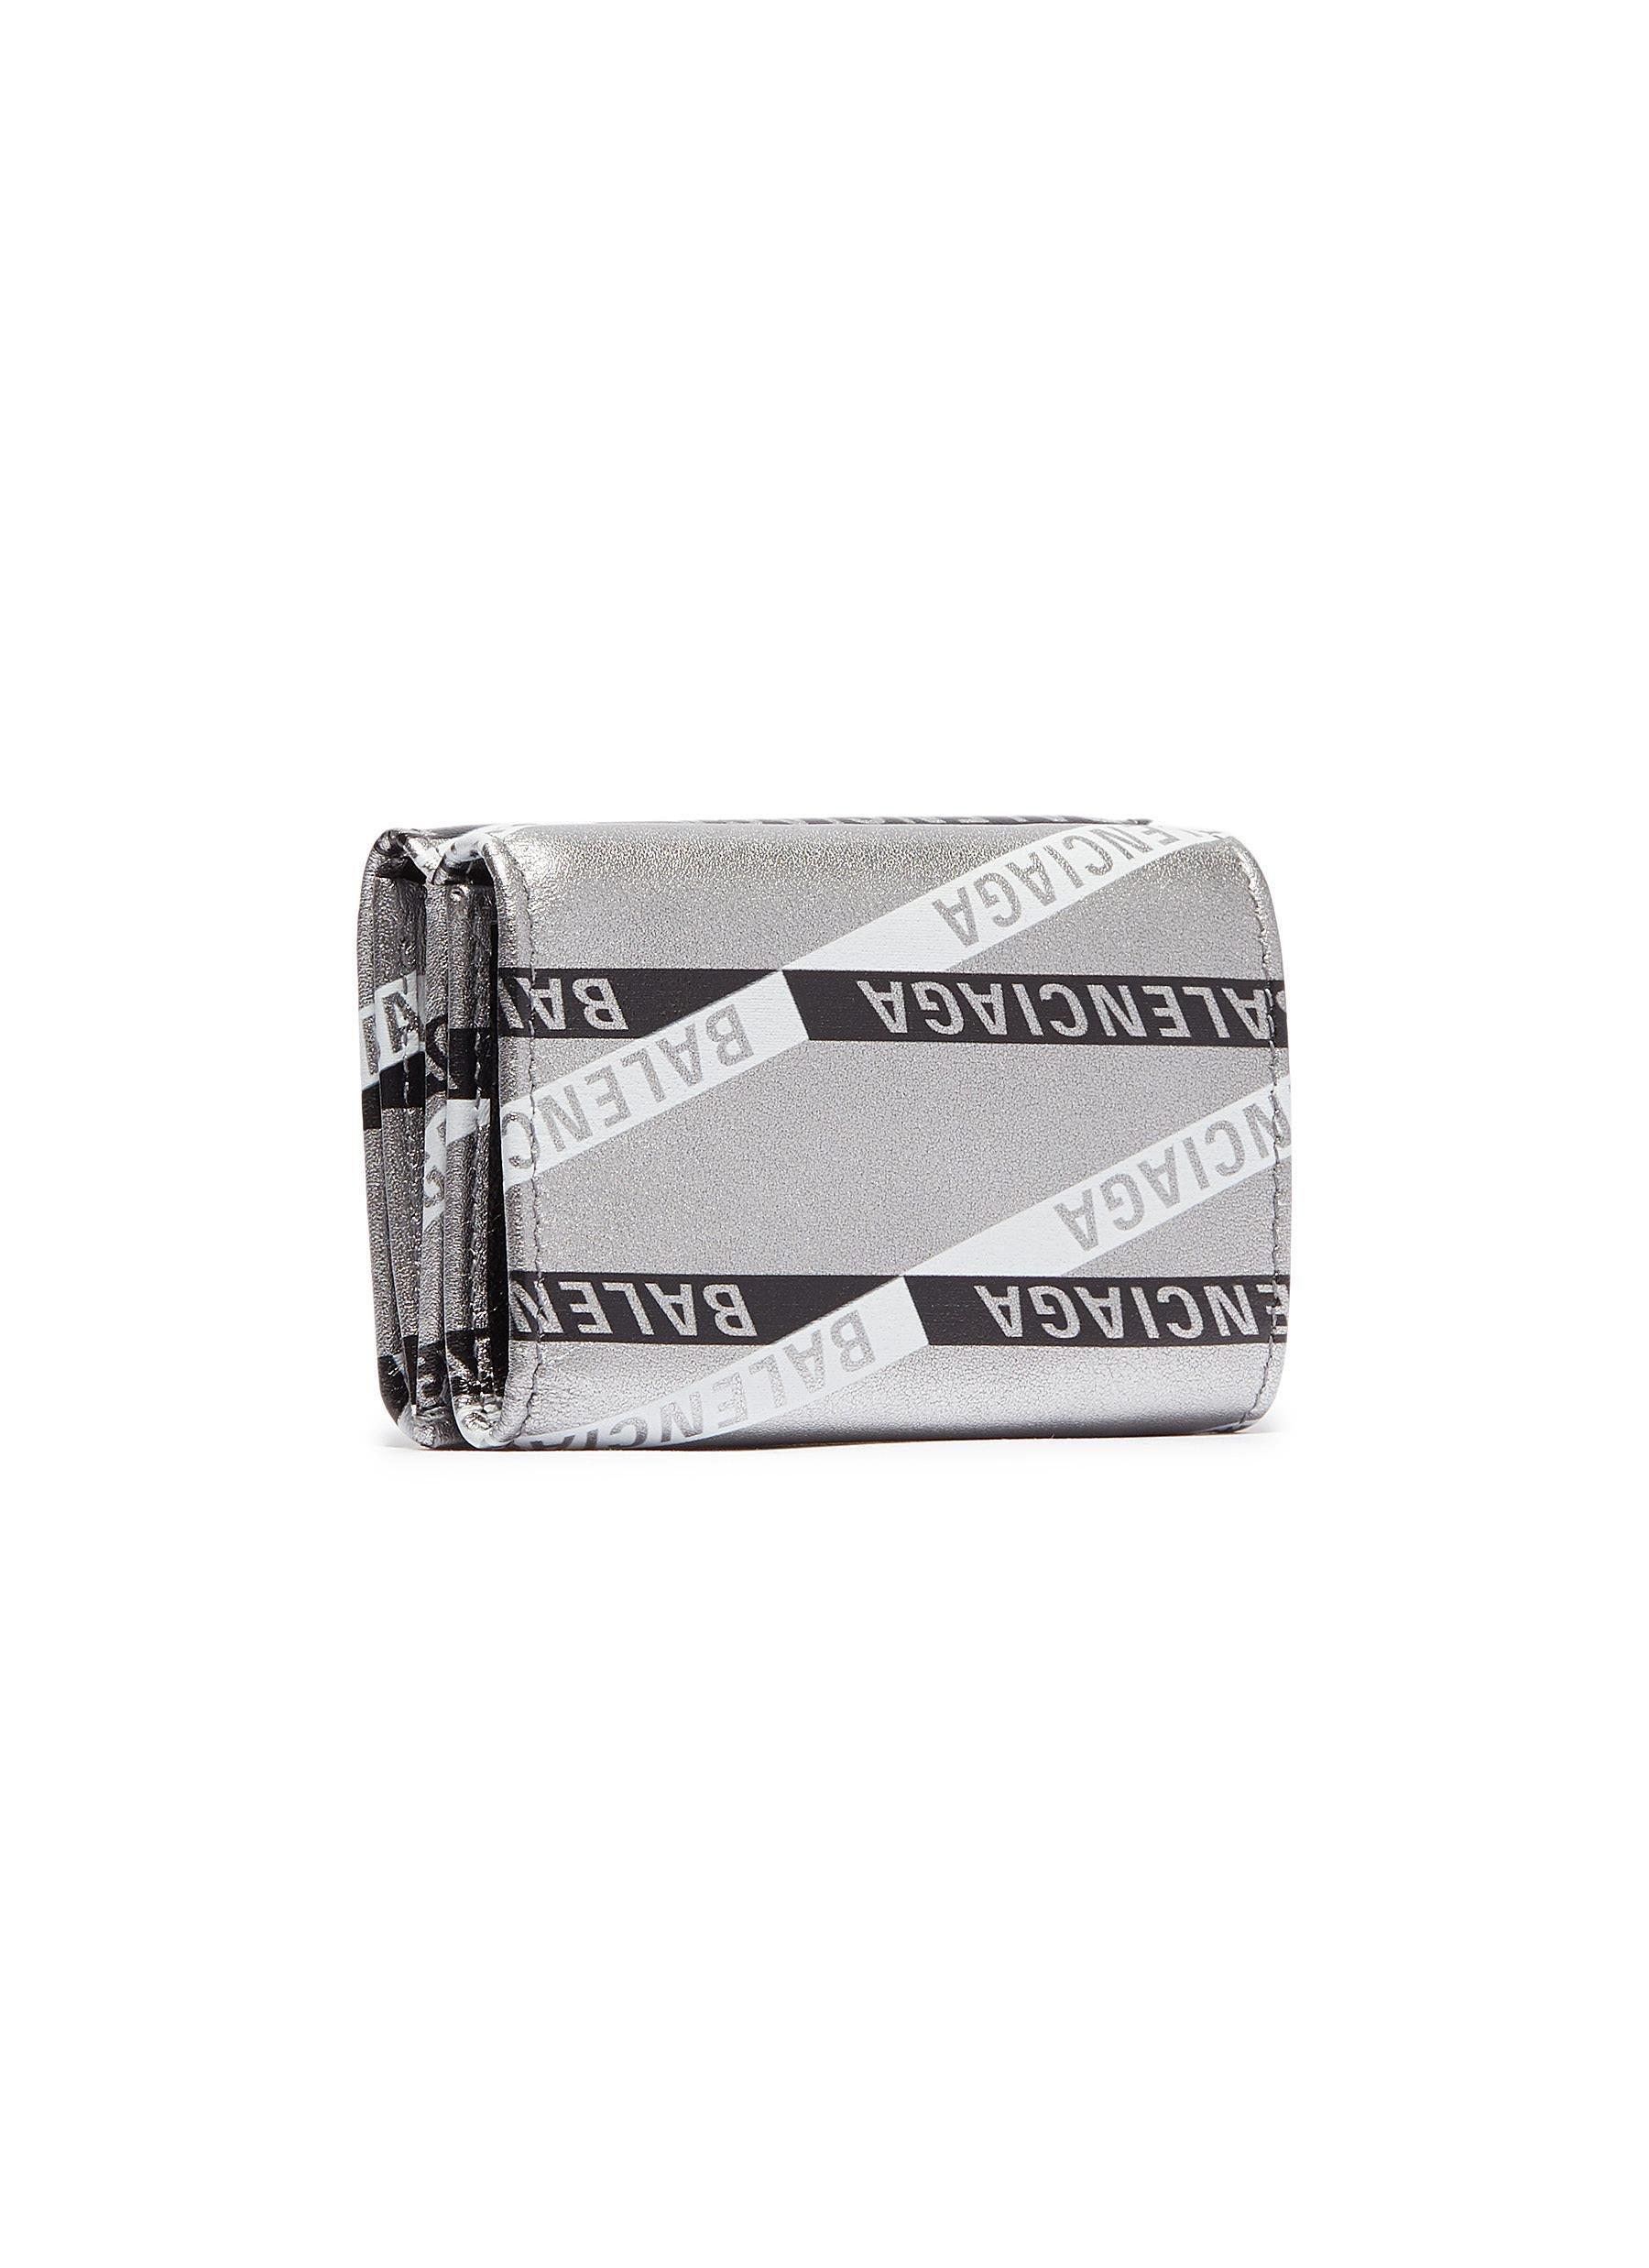 7eeaaef93970 Balenciaga -  monogram Everyday  Logo Print Metallic Leather Mini Wallet -  Lyst. View fullscreen